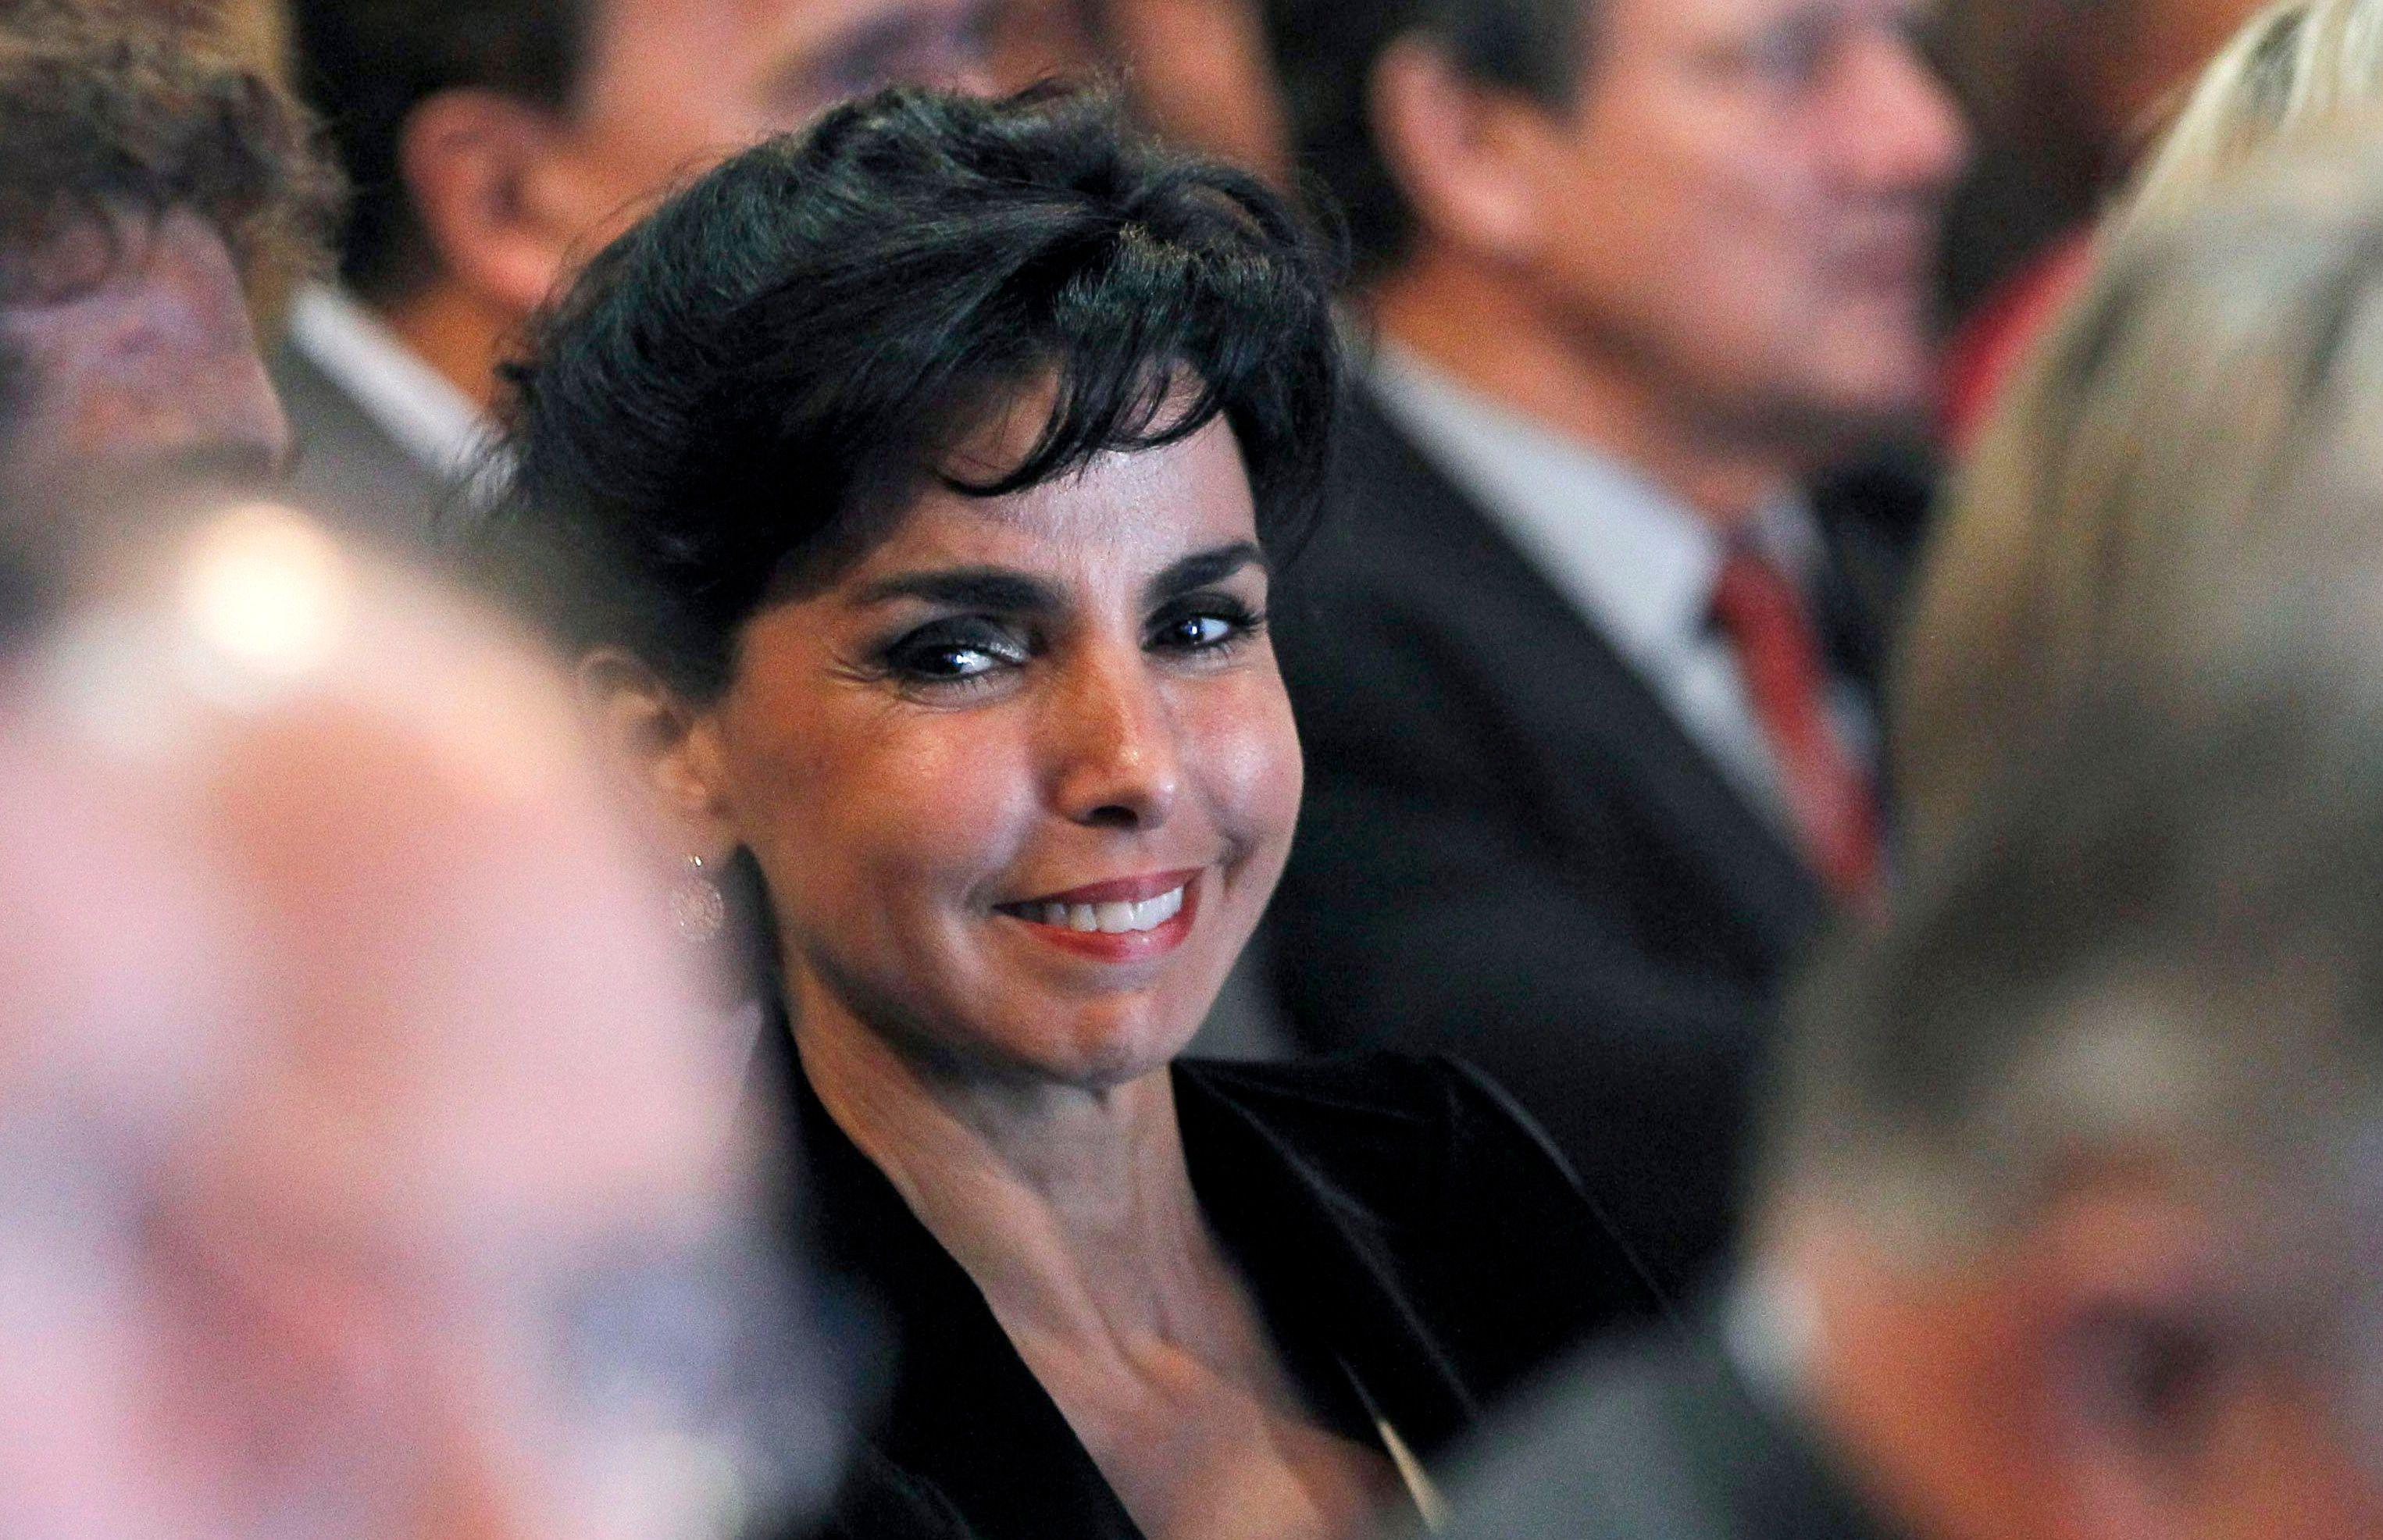 Pas investie aux législatives, Rachida Dati tire à boulets rouges sur François Fillon